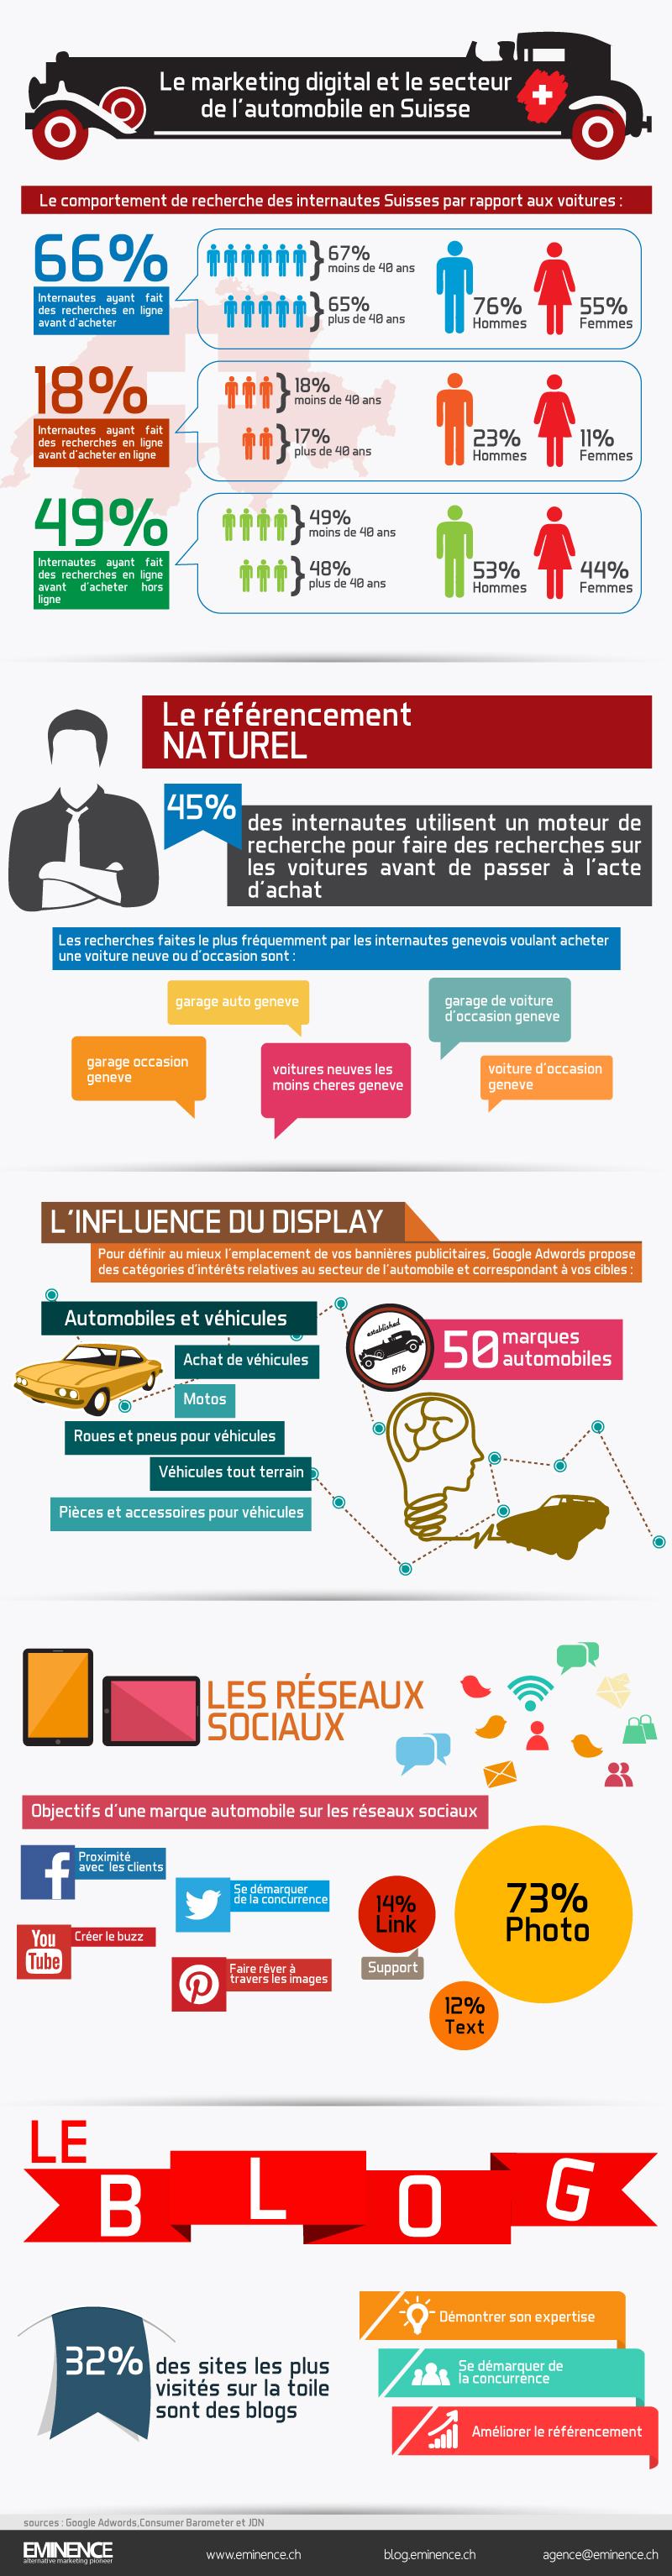 infographie secteur automobile